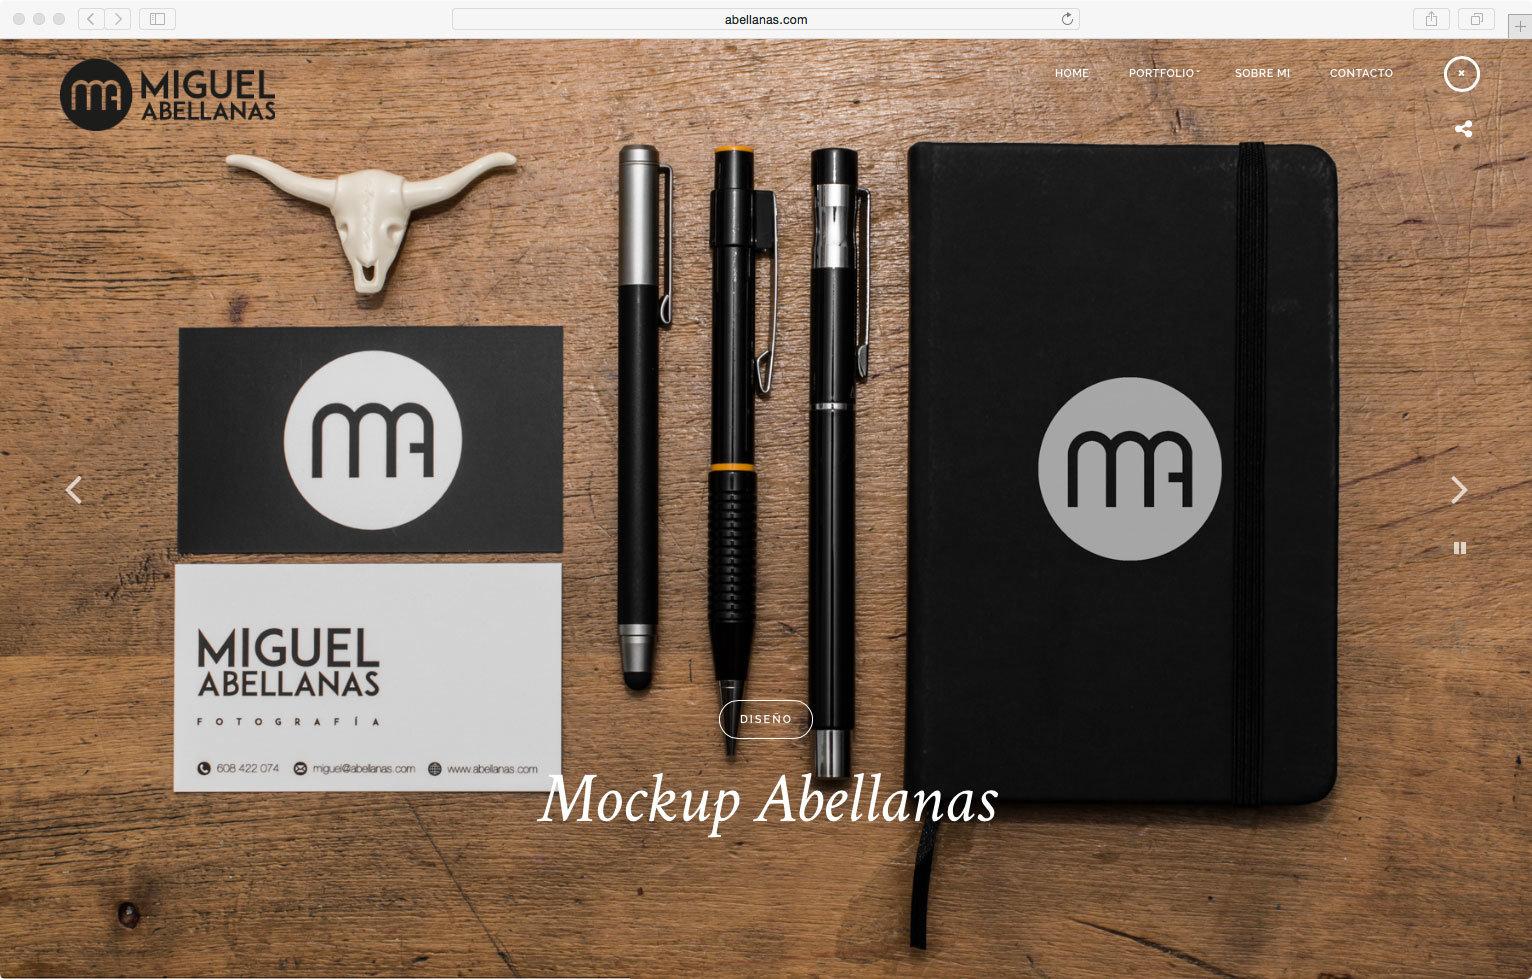 wellaggio diseño web valencia abellanas estudio de fotografía